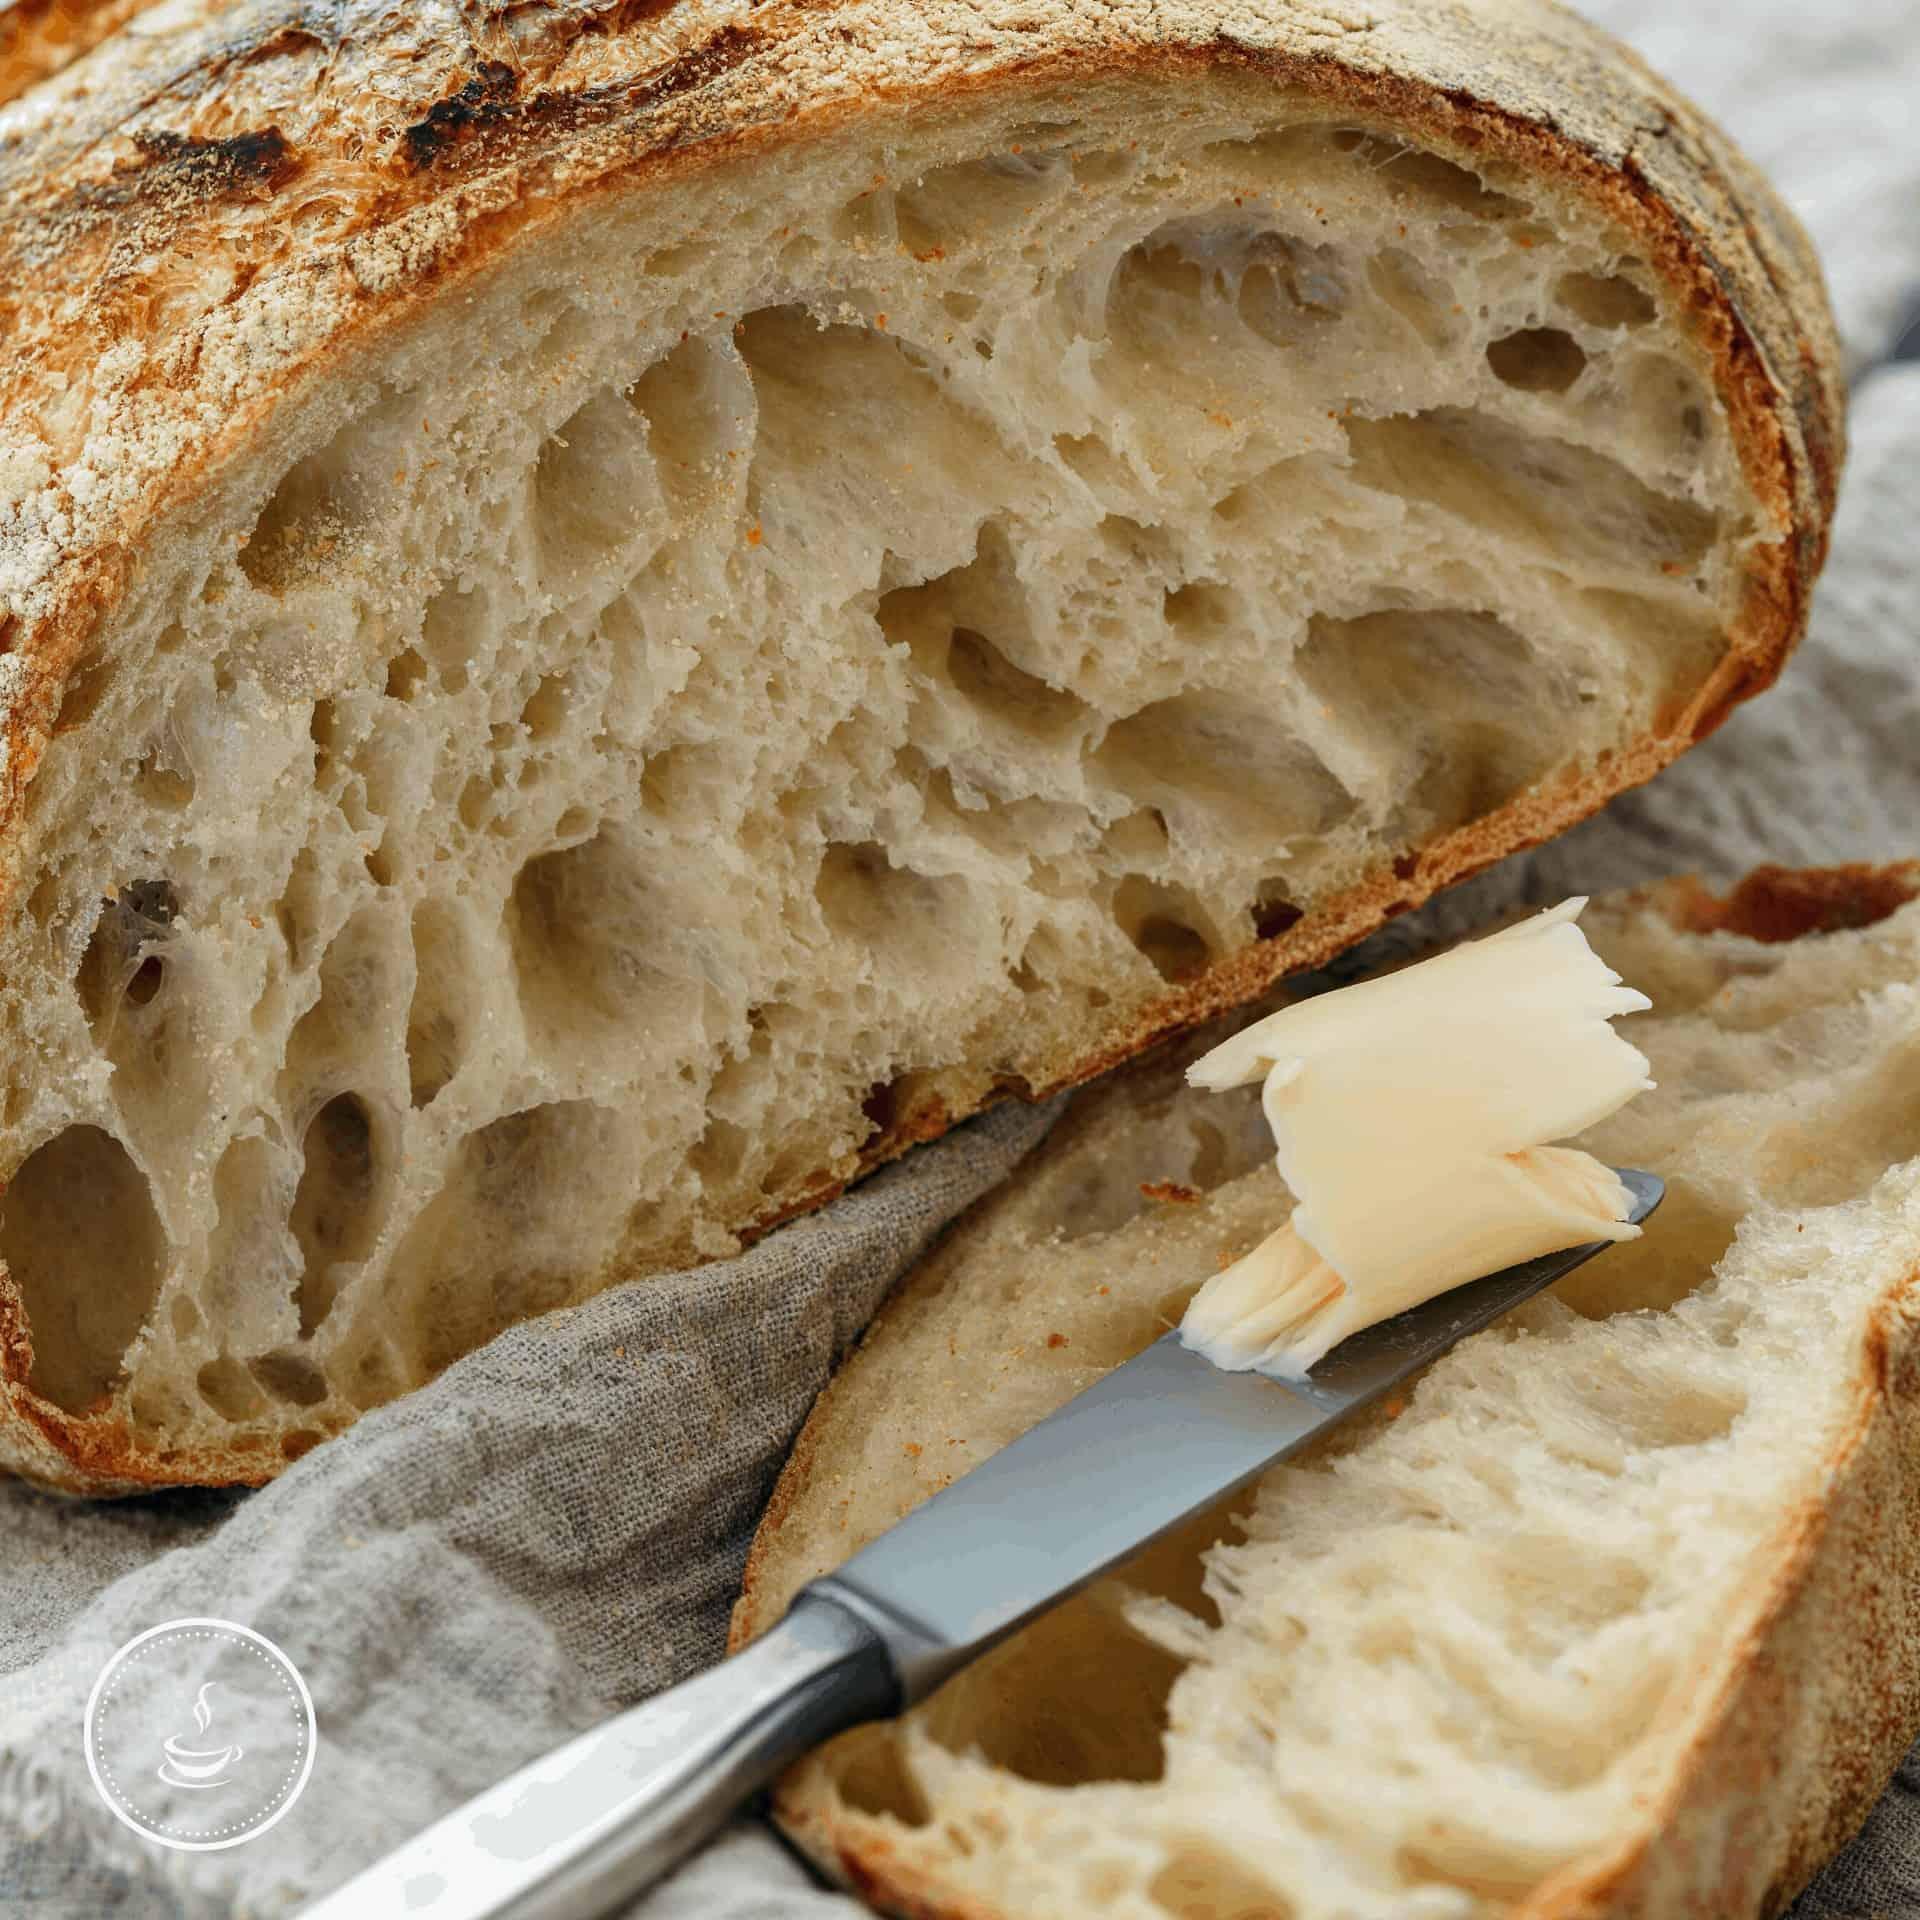 Brot backen mit nur 10 Minuten Aufwand - Einfach mal einfach